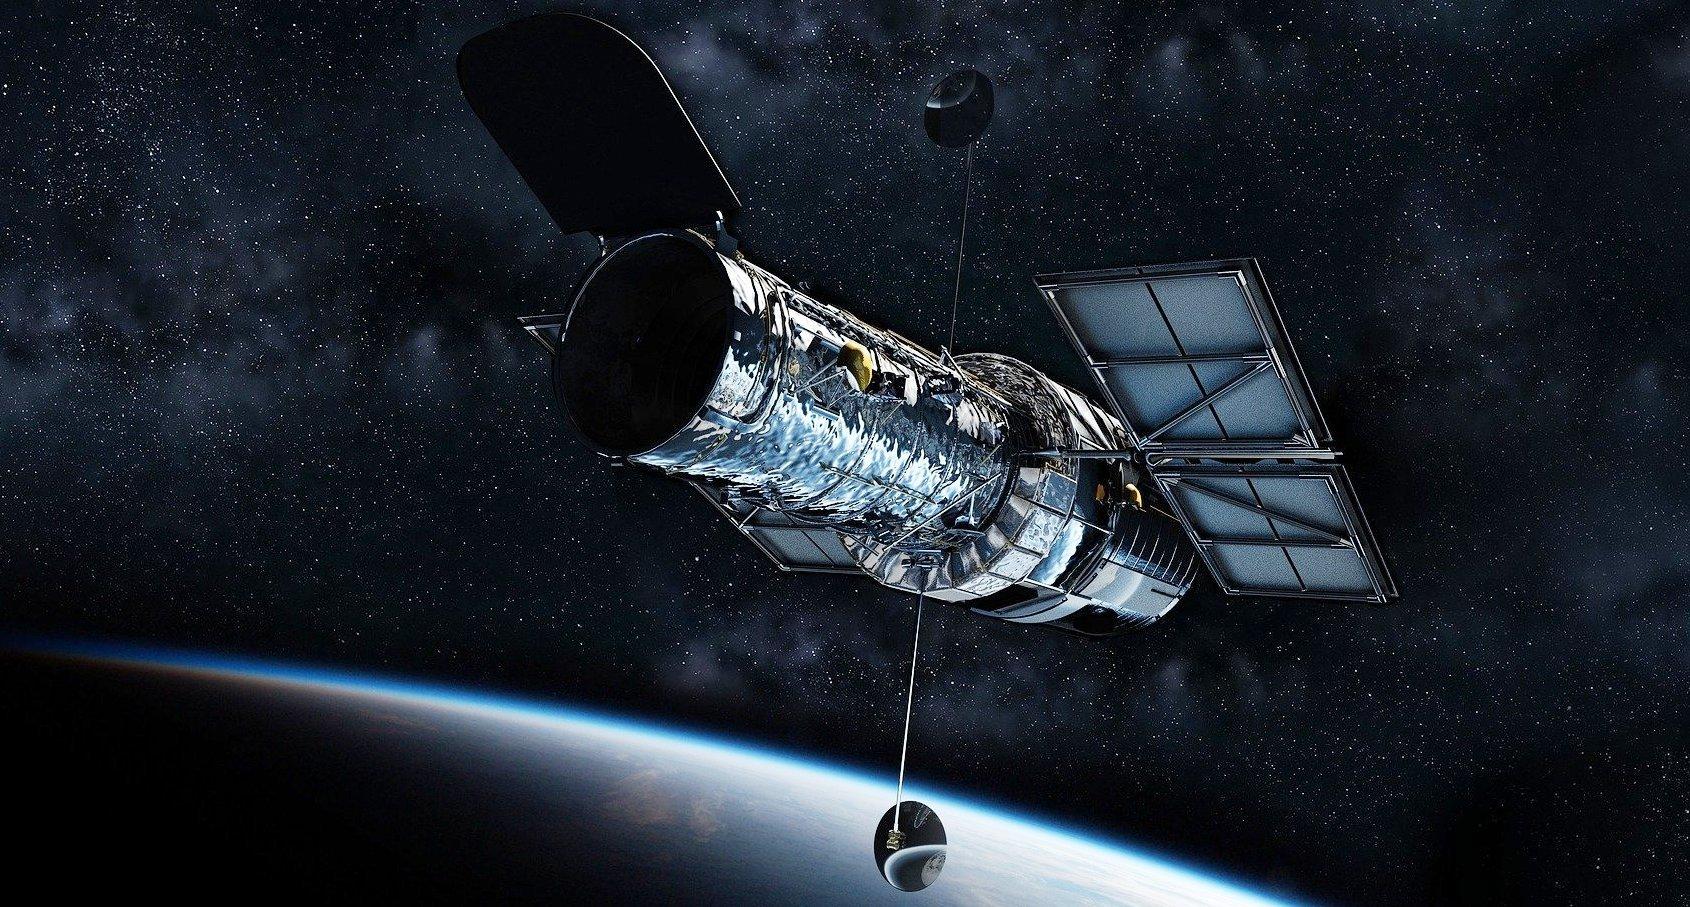 Этот прибор рассказал о космосе больше, чем все космонавты вместе взятые